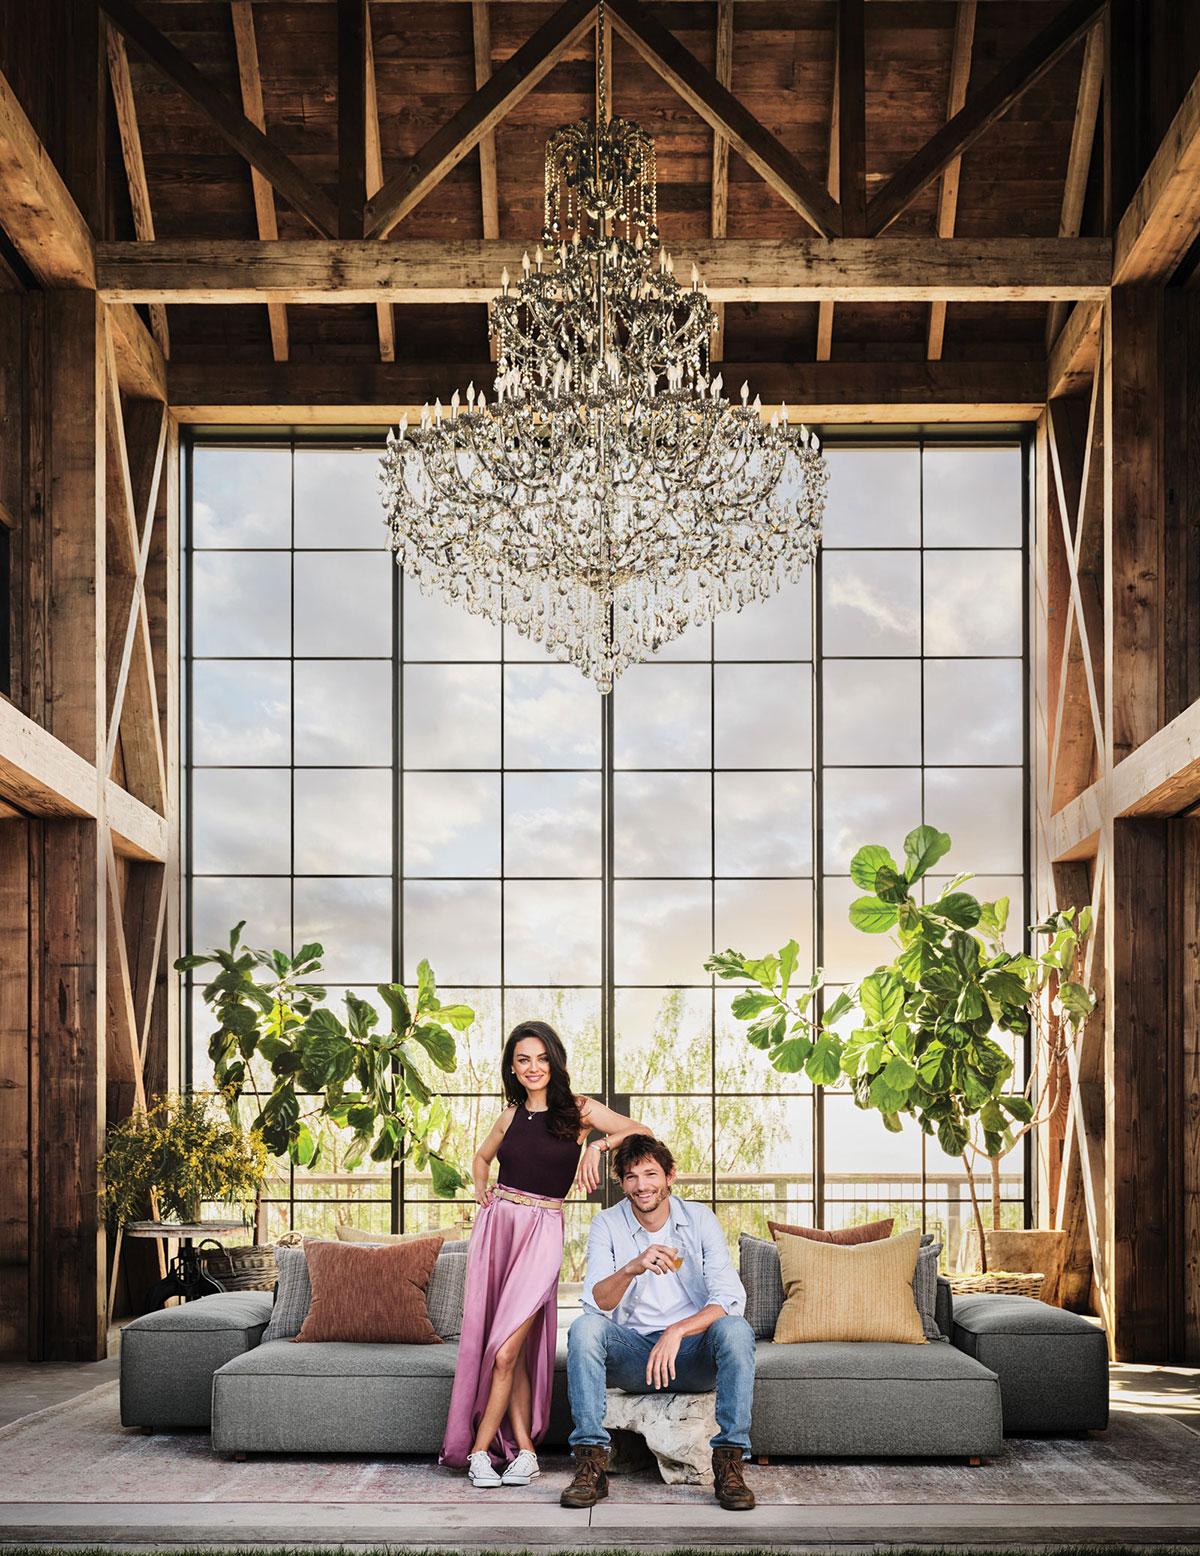 Роскошный фермерский дом Милы Кунис и Эштона Кутчера в Лос-Анджелесе